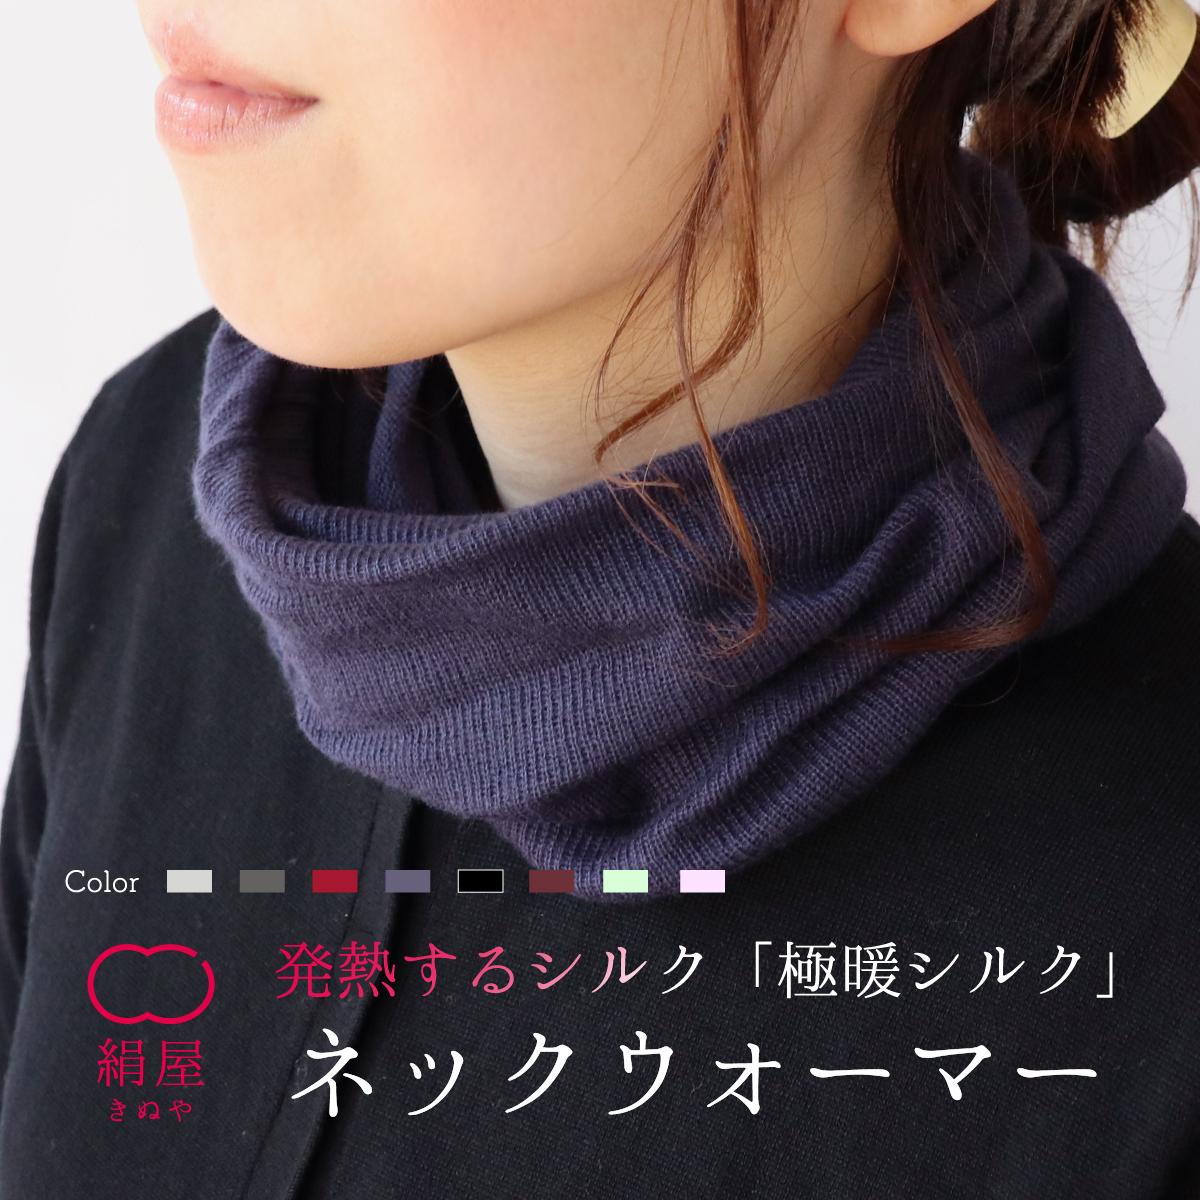 完全無縫製で編み立てられ 縫い目のひっかかりやごわつきがありません シルクの中でも繊細な絹紡糸でつくられている為 とても軽く 極上の肌触りです 極暖 シルク ネックウォーマー 限定価格セール レディース 女性用 温活 スヌード ホールガーメント 贈答 無縫製 マフラー 絹屋 プレゼント 日本製 冷え取り ギフト